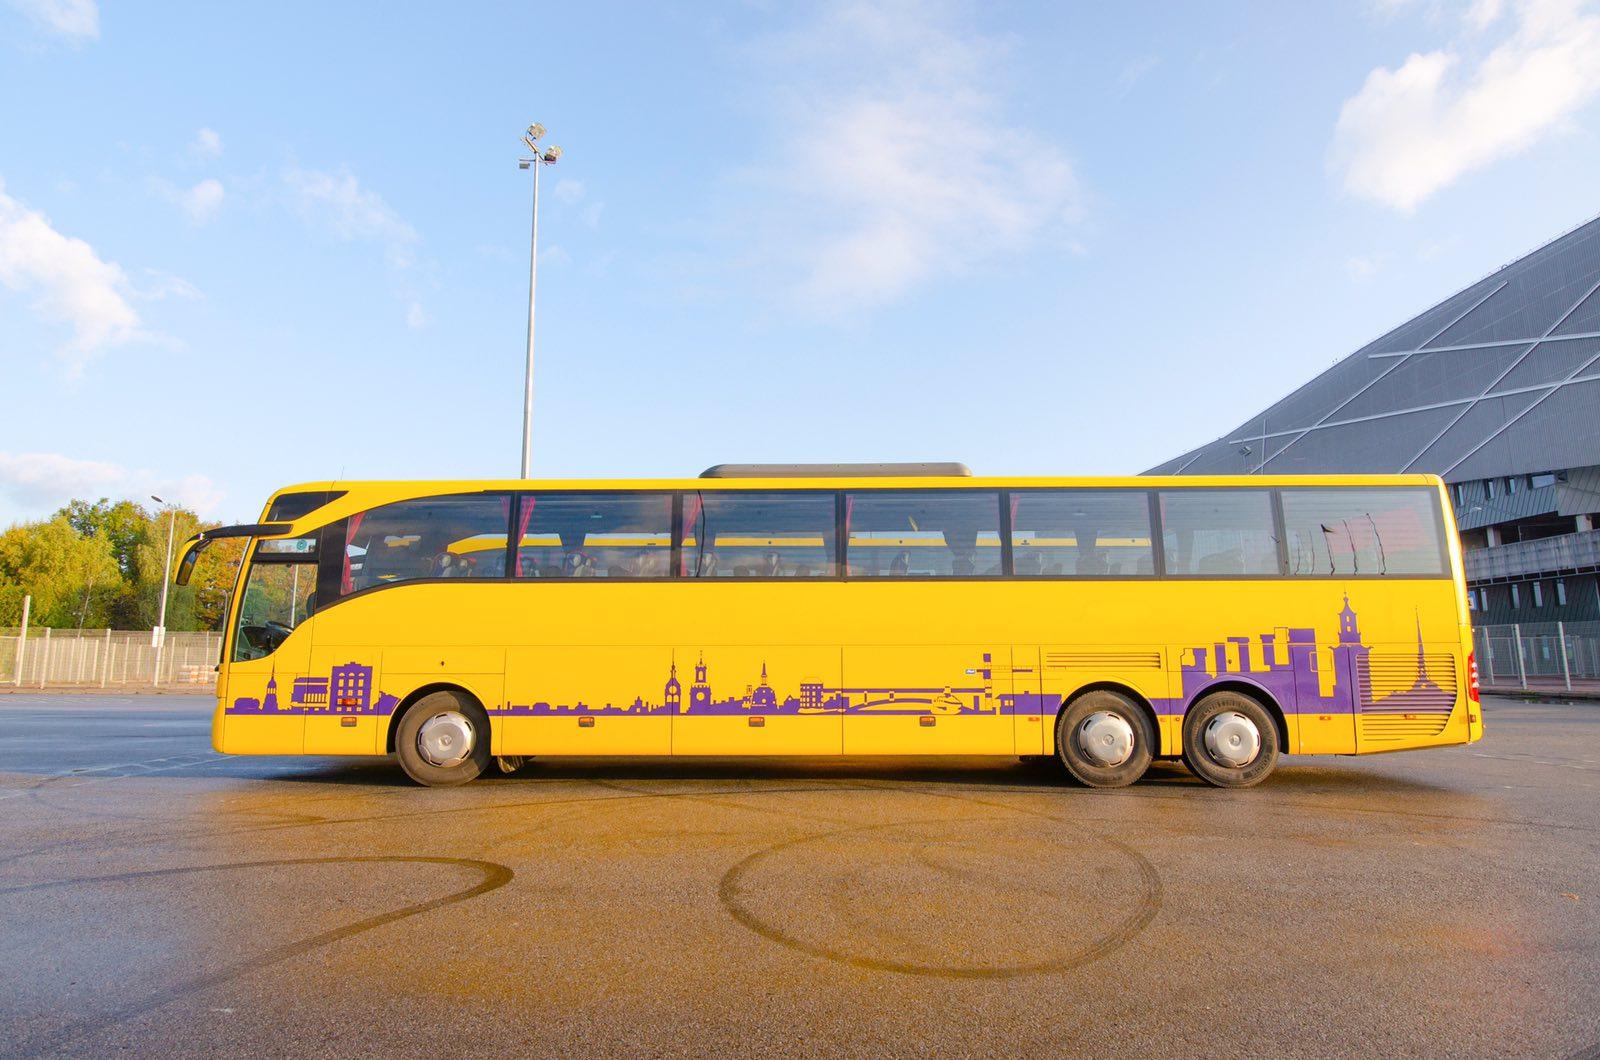 аренда автобуса во Львове, аренда туристического автобуса, автобус из Львова за границу, заказ трансфера, автобус для экскурсии